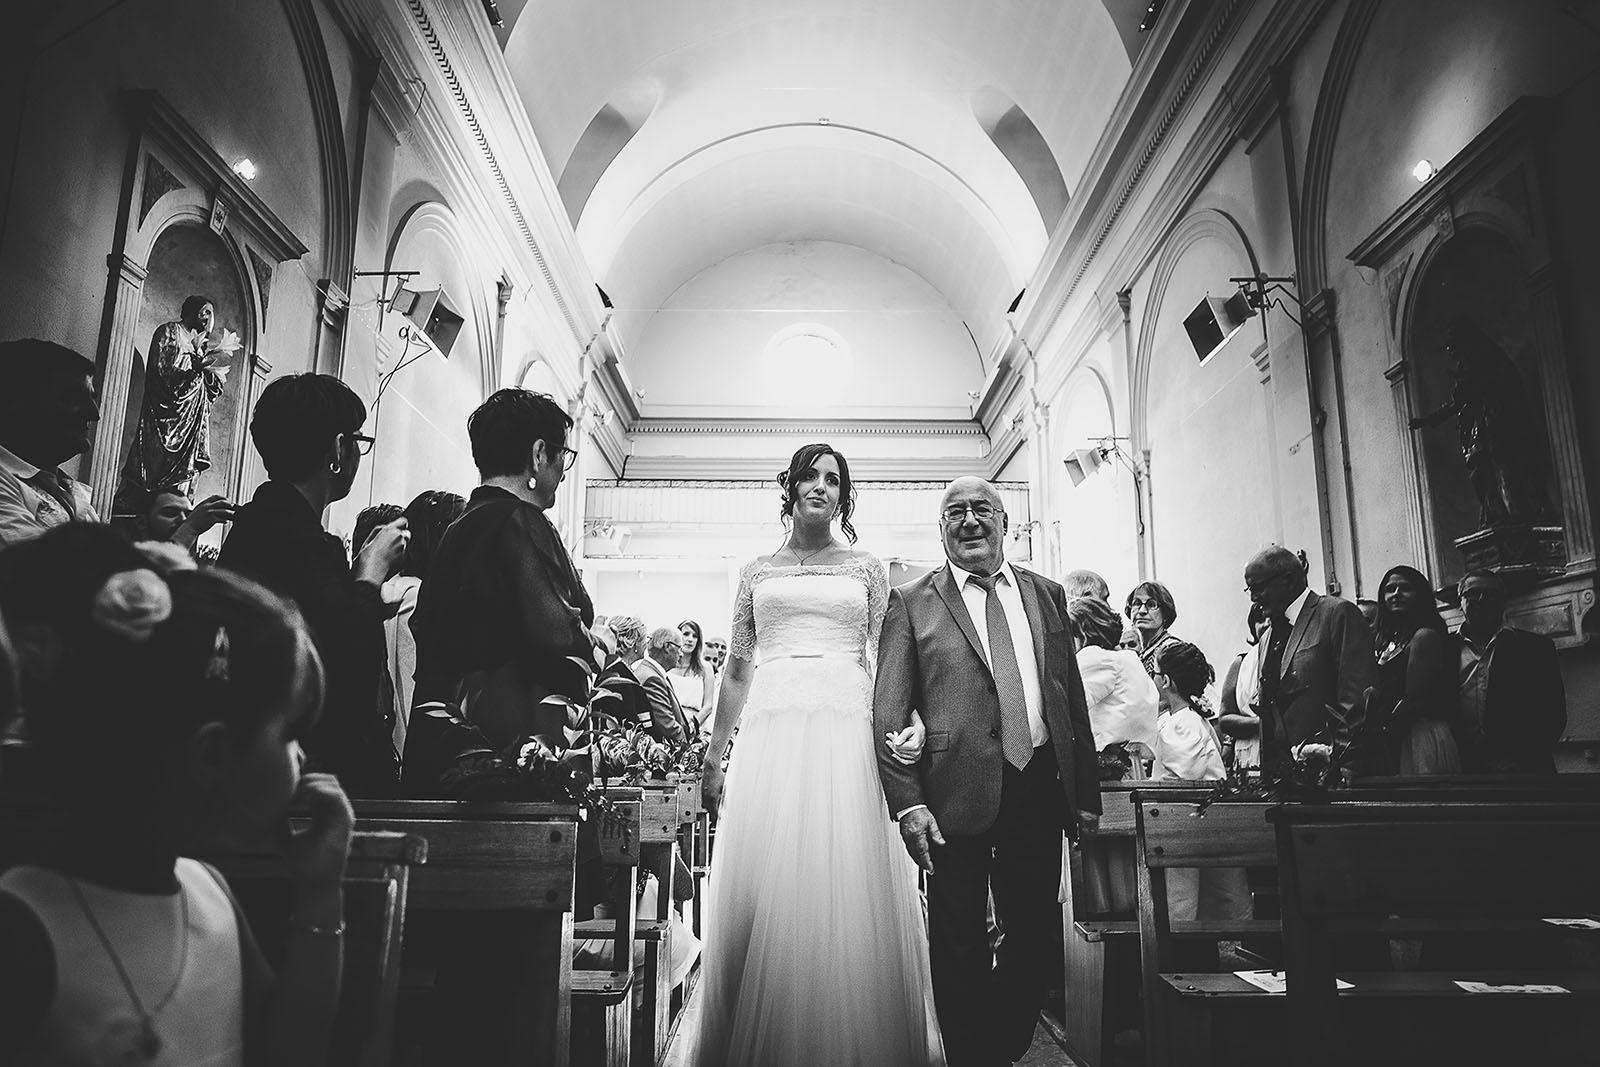 Mariage Villa Quélude David Pommier photographe de mariage. Entrée de la mariée dans l'église